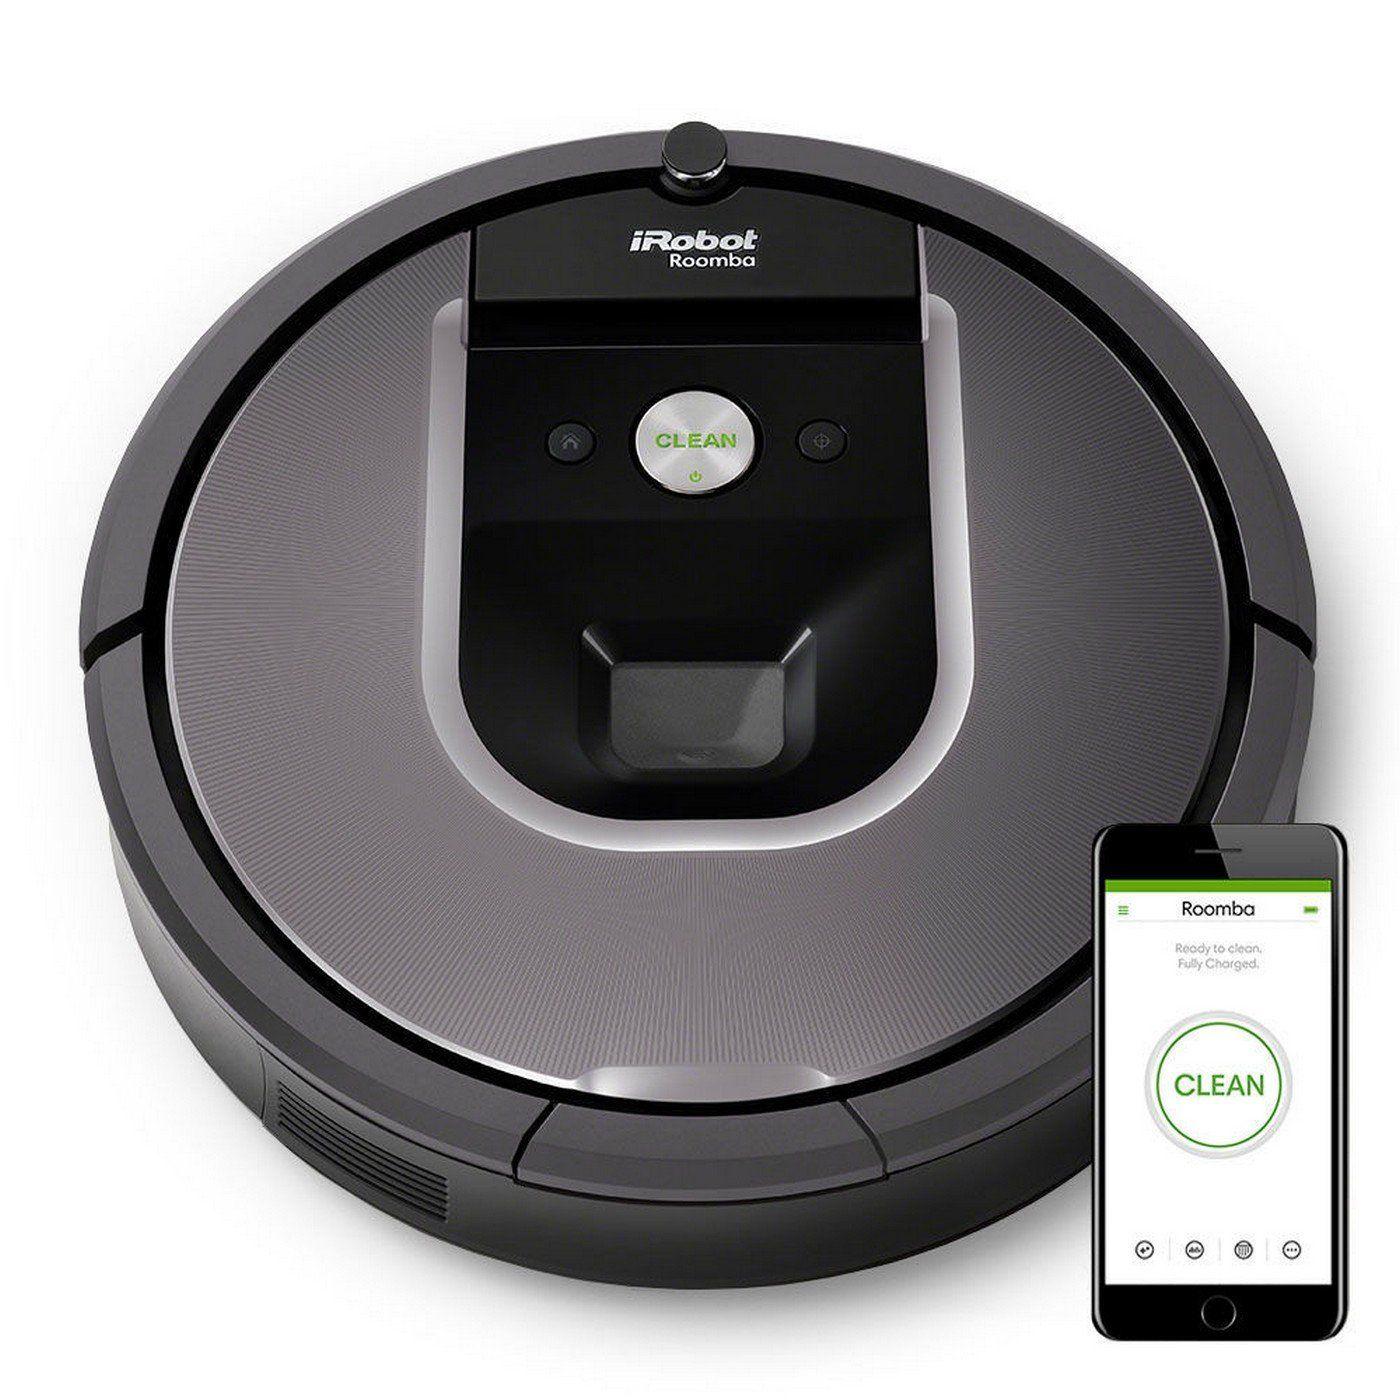 iRobot Roomba 960 Aspirateur Robot